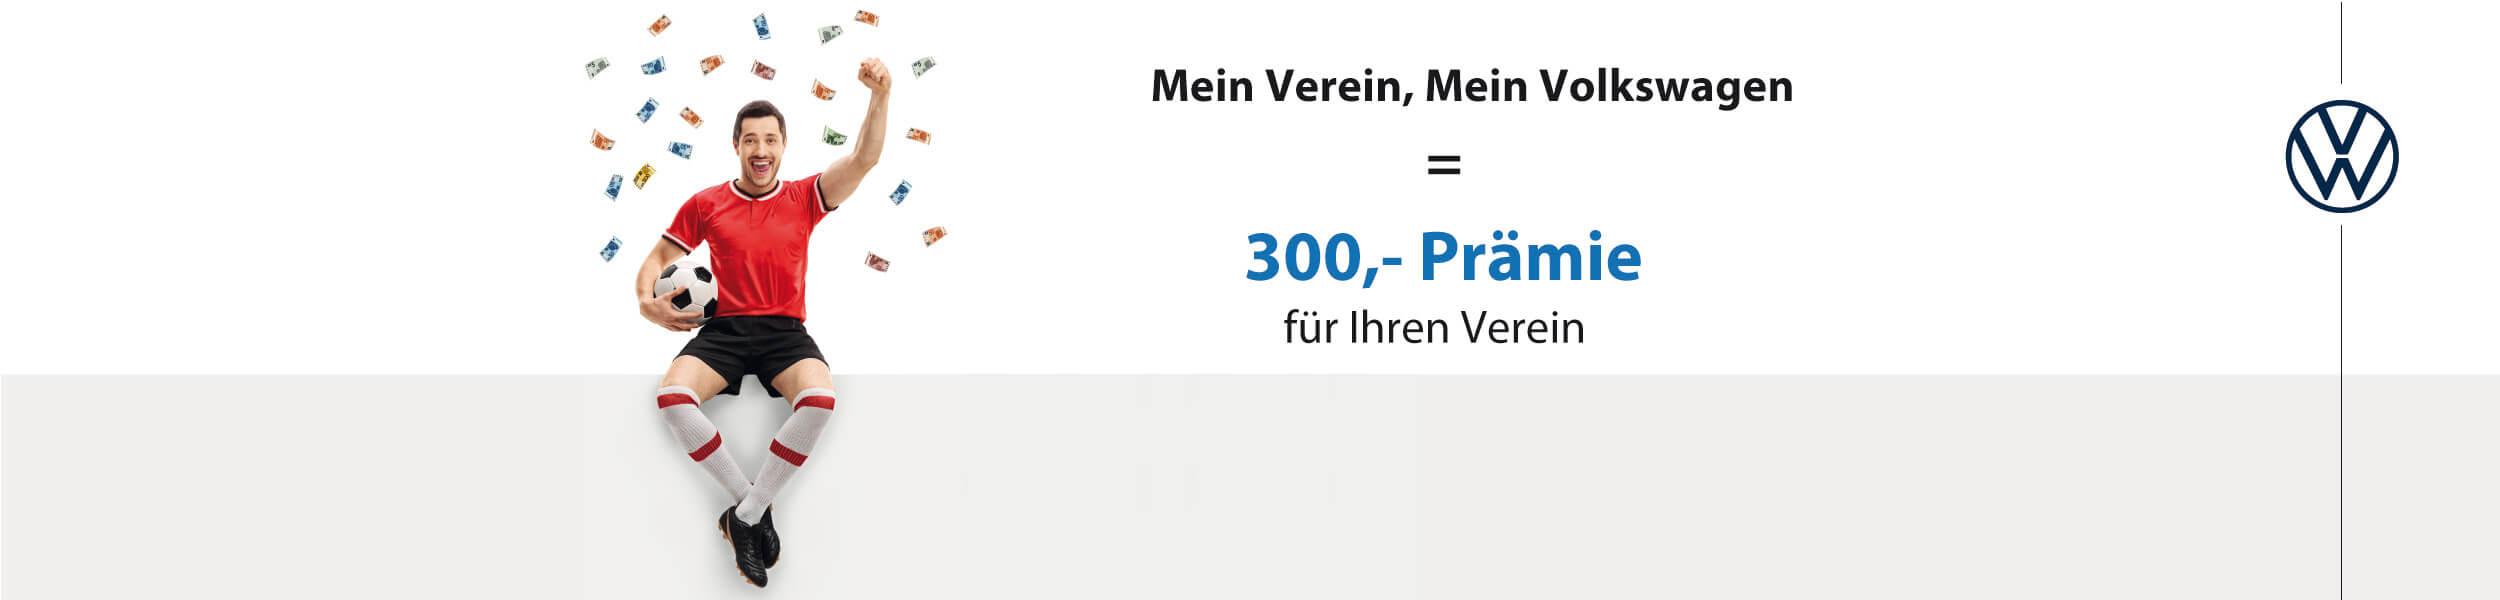 fussballverein-2500x600